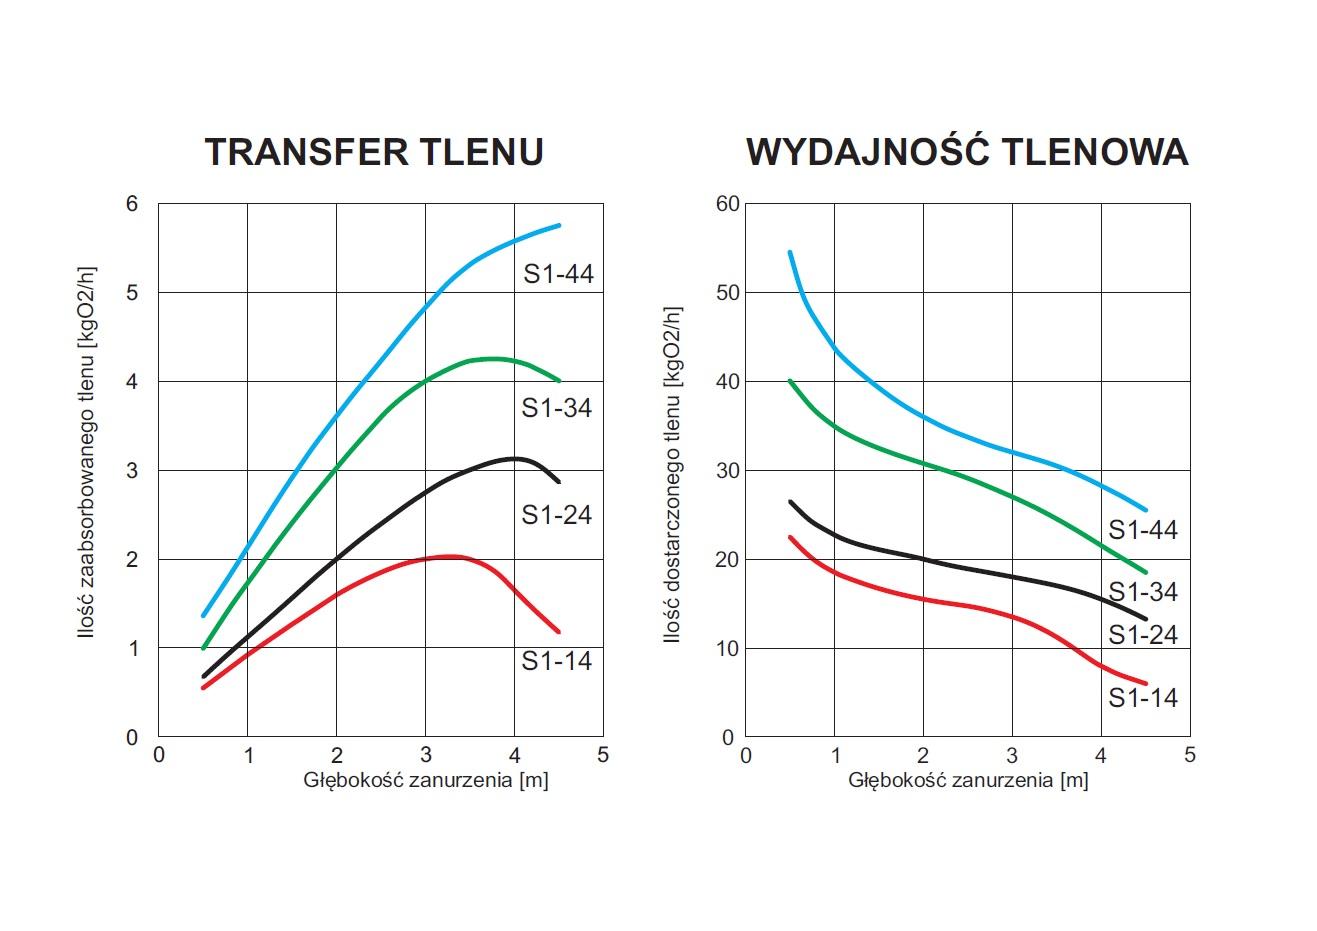 Wydajność tlonwa i transfer tlenu S1